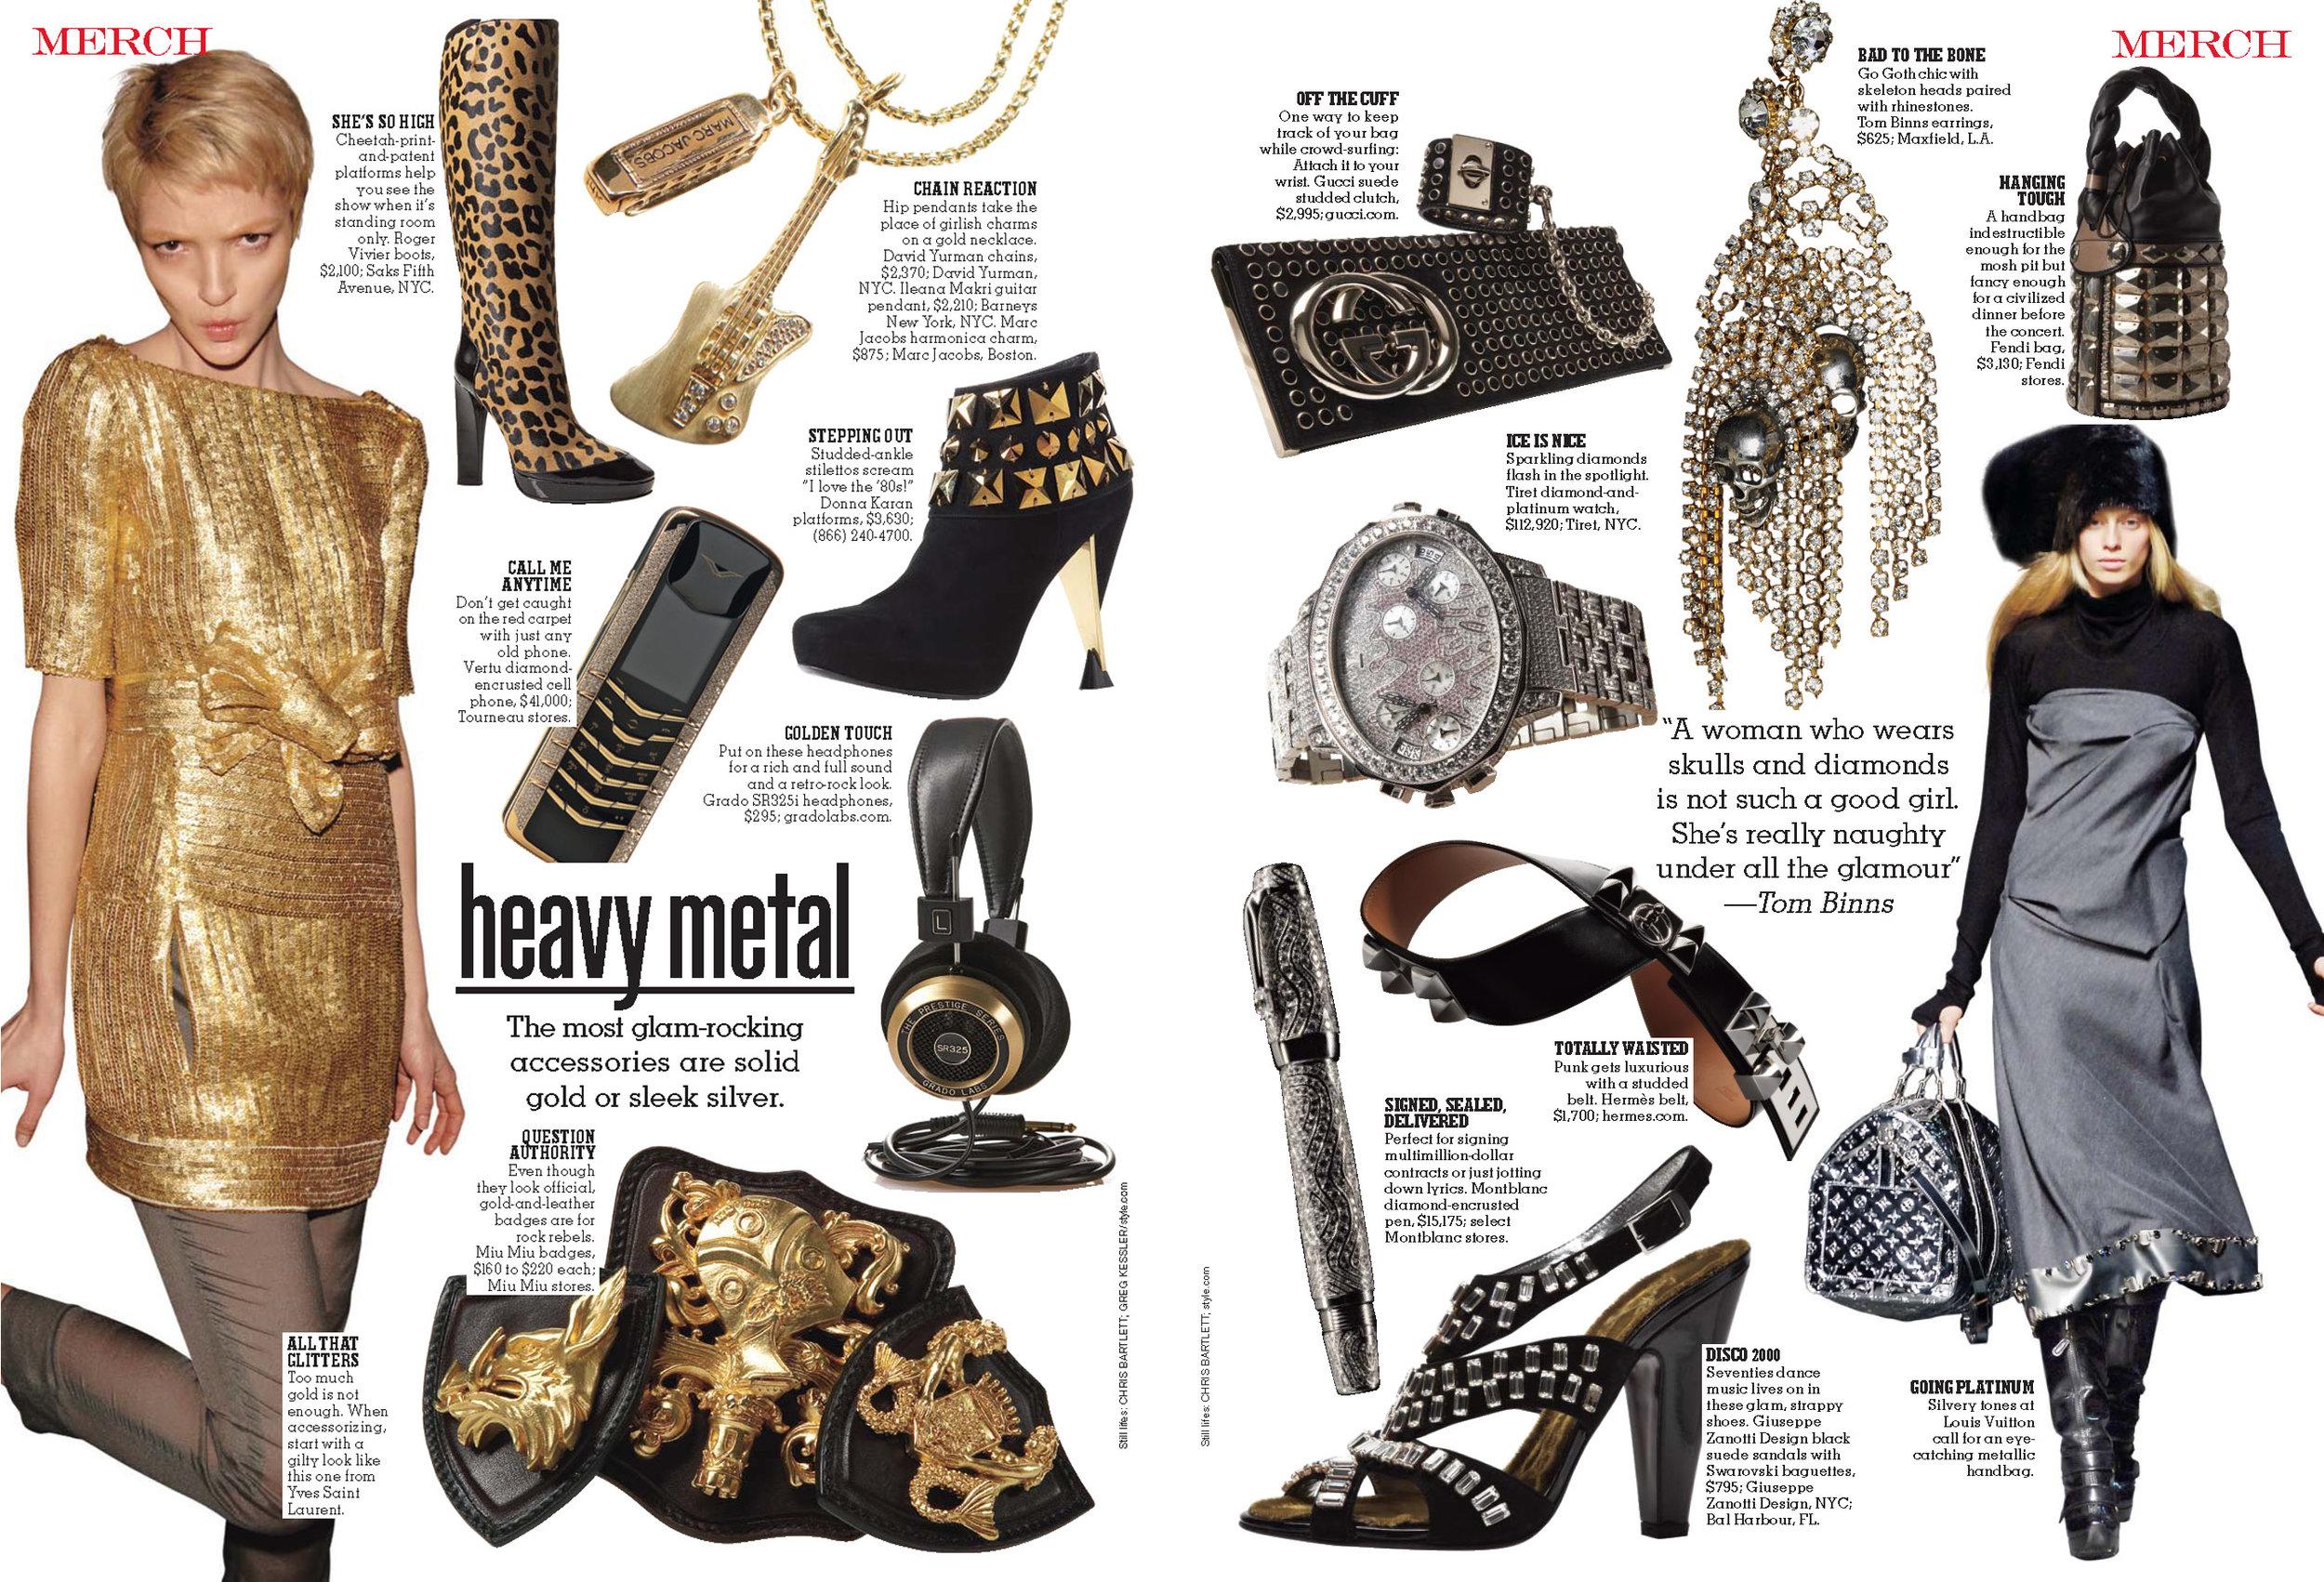 Fashion_Rocks_Page_5.jpg